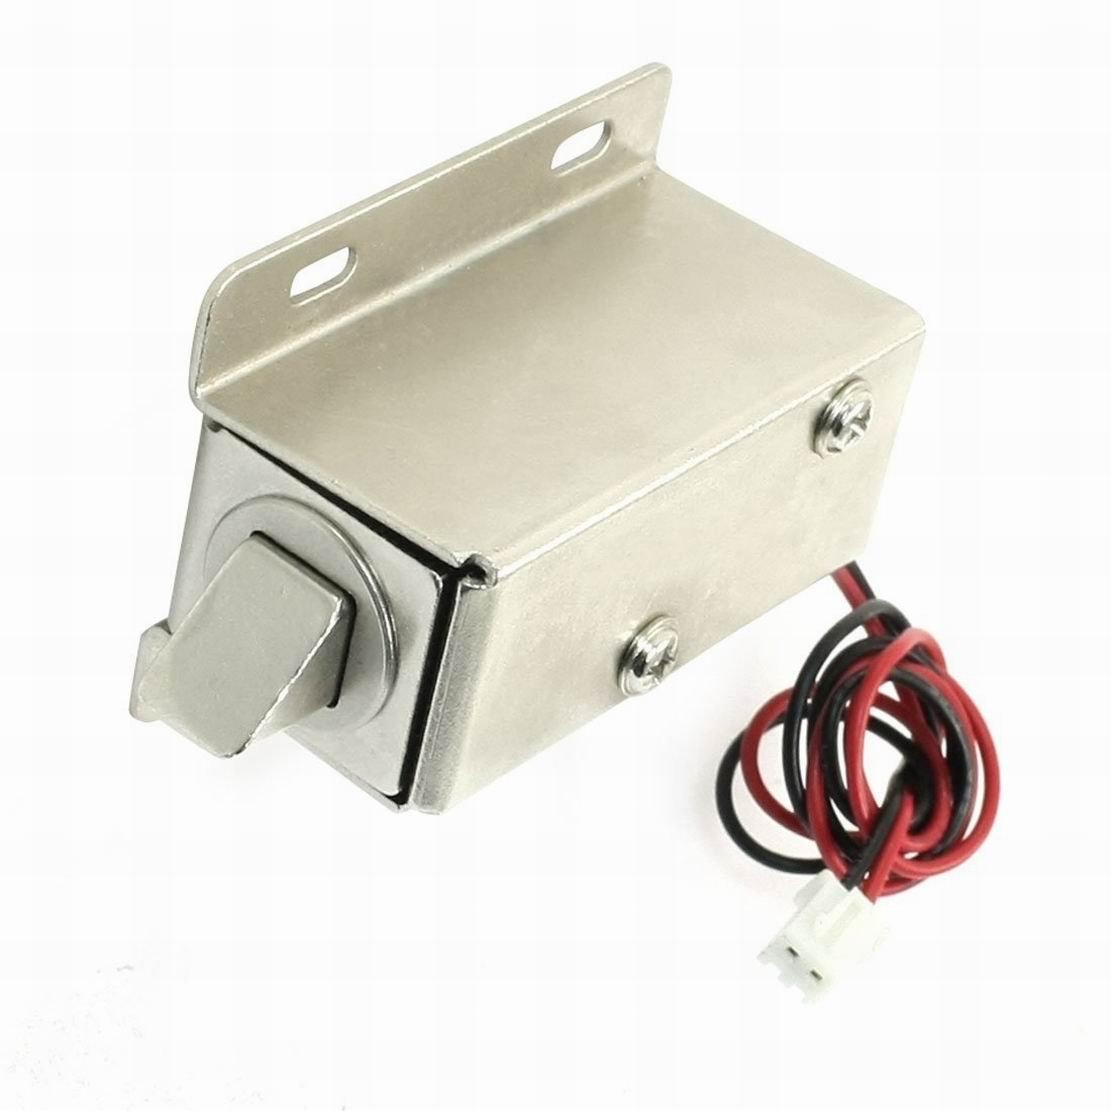 MariaP 24V 16W 5mm/500g 2mm/850g Open Frame Push Actuator Door Lock Solenoid